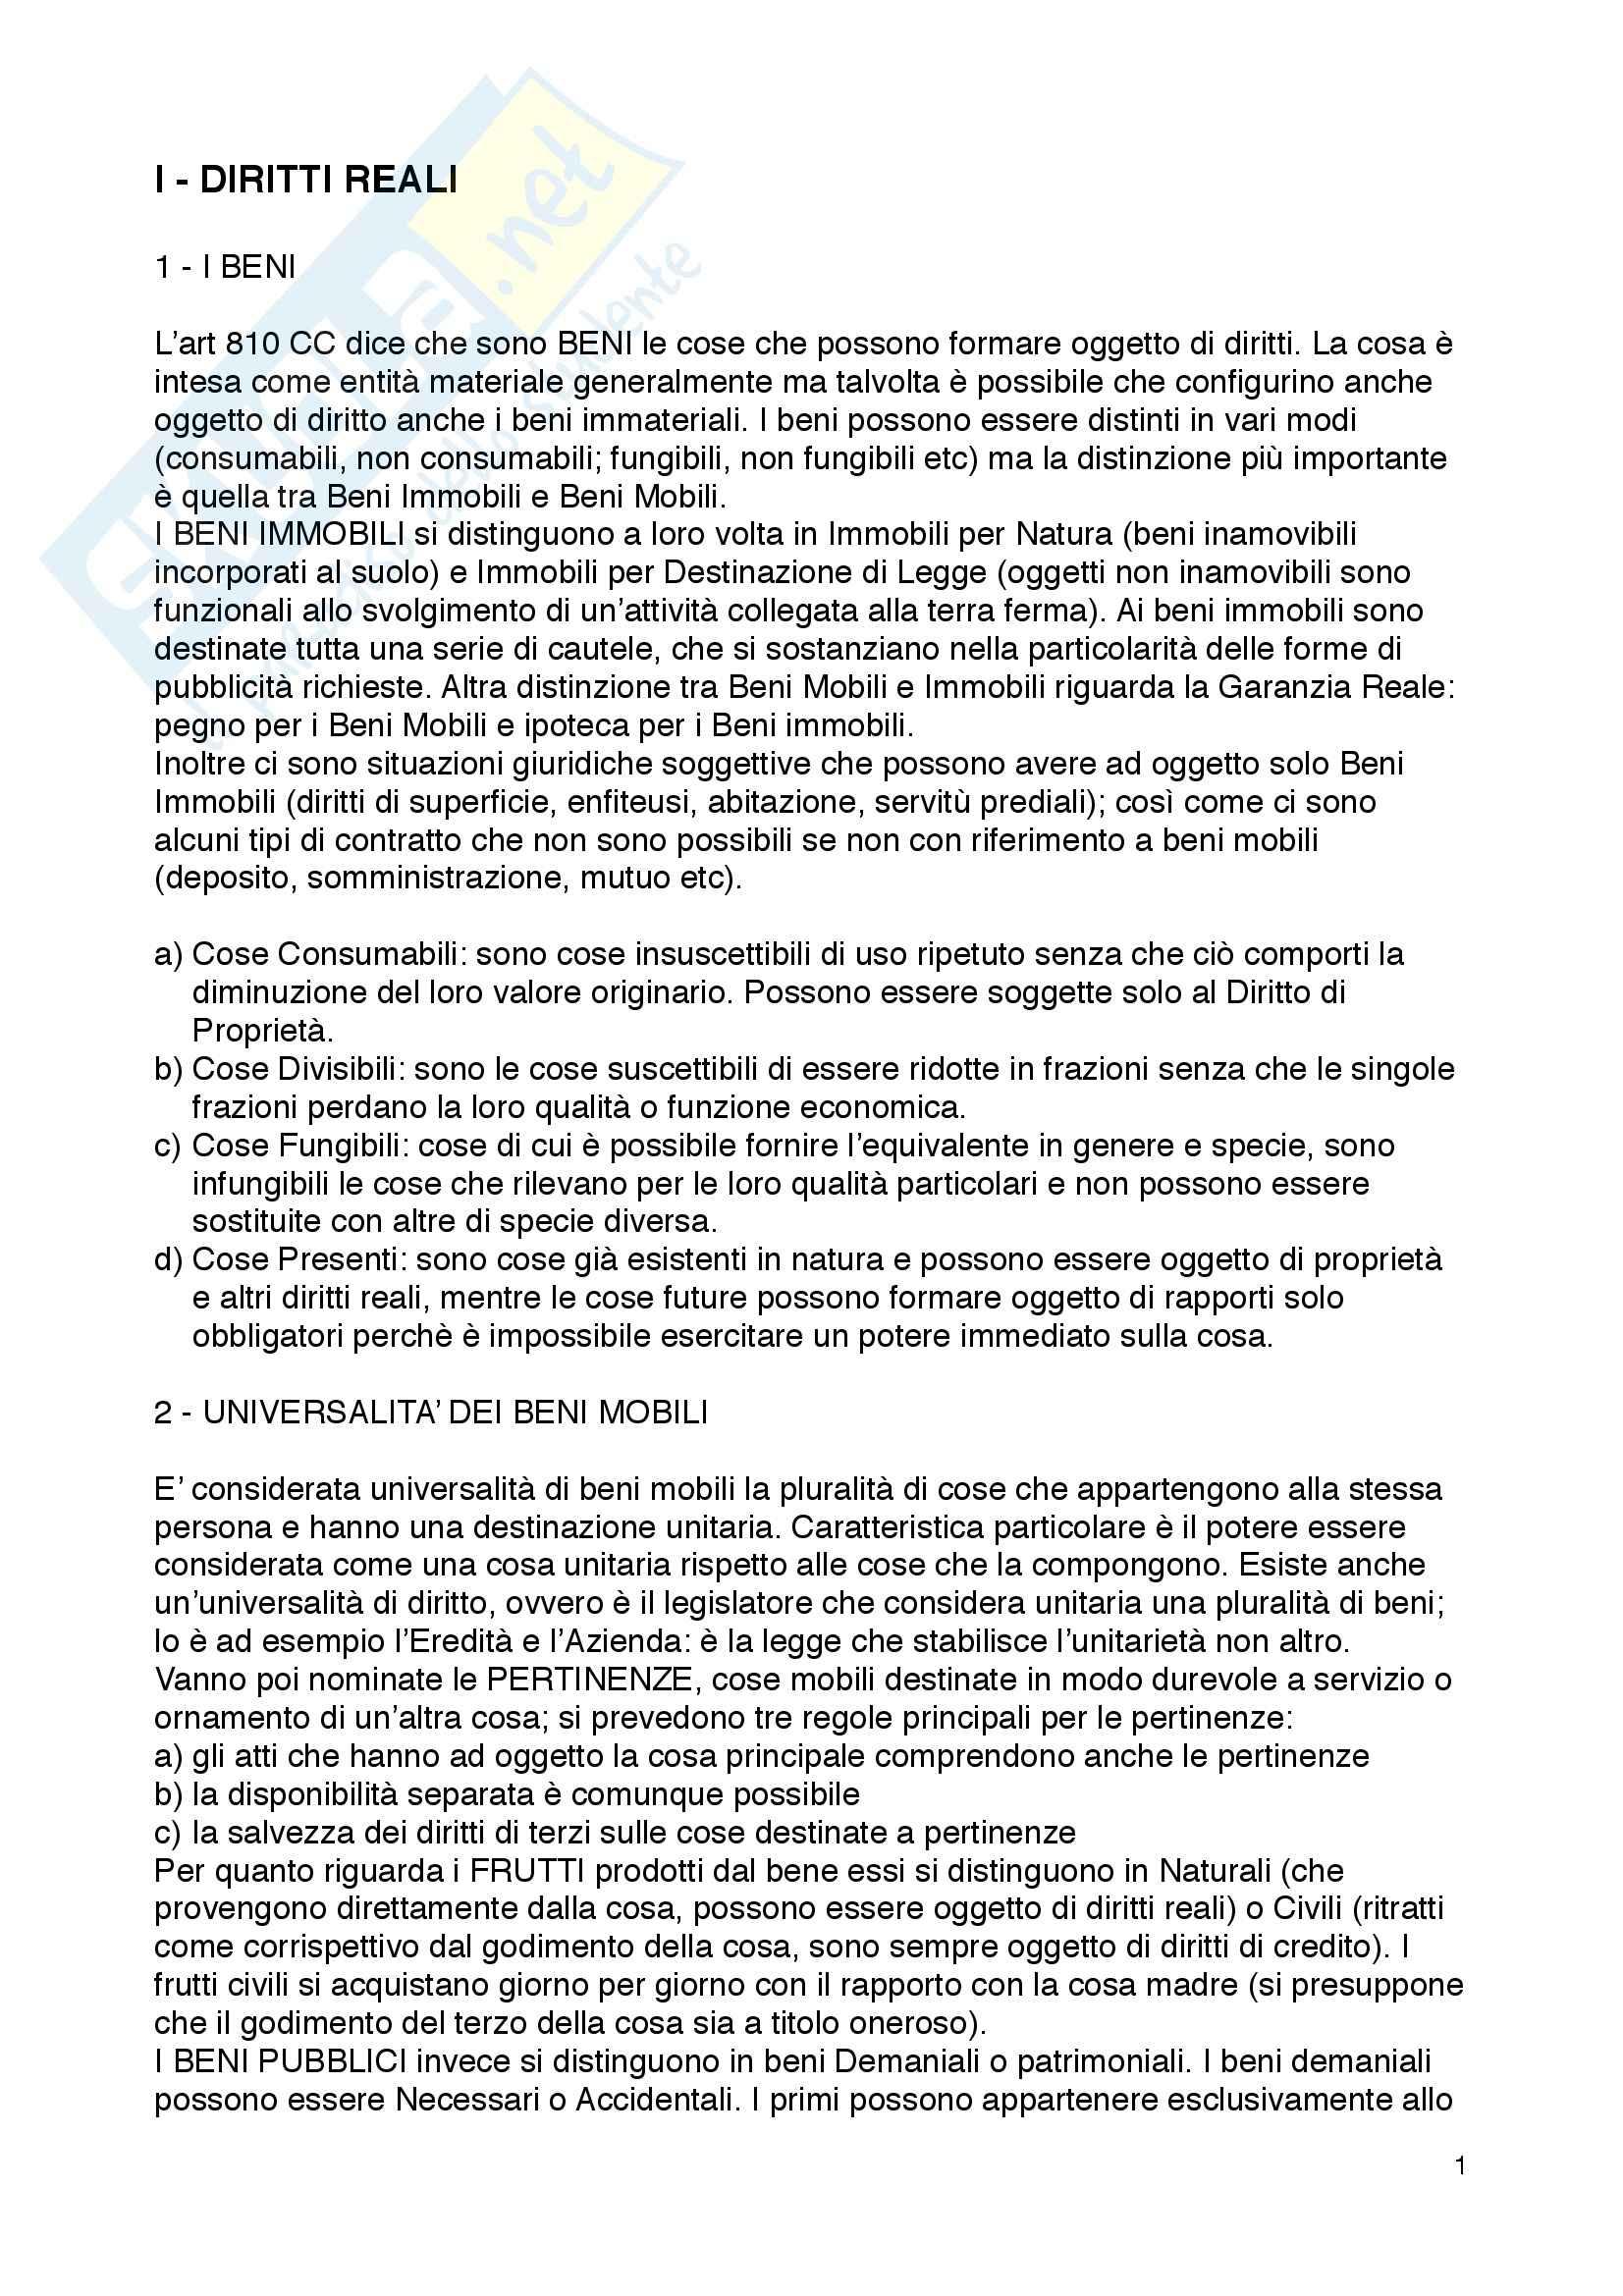 Riassunto esame Diritto privato, prof. Murgo, libro consigliato Diritto Privato III, Utet giuridica